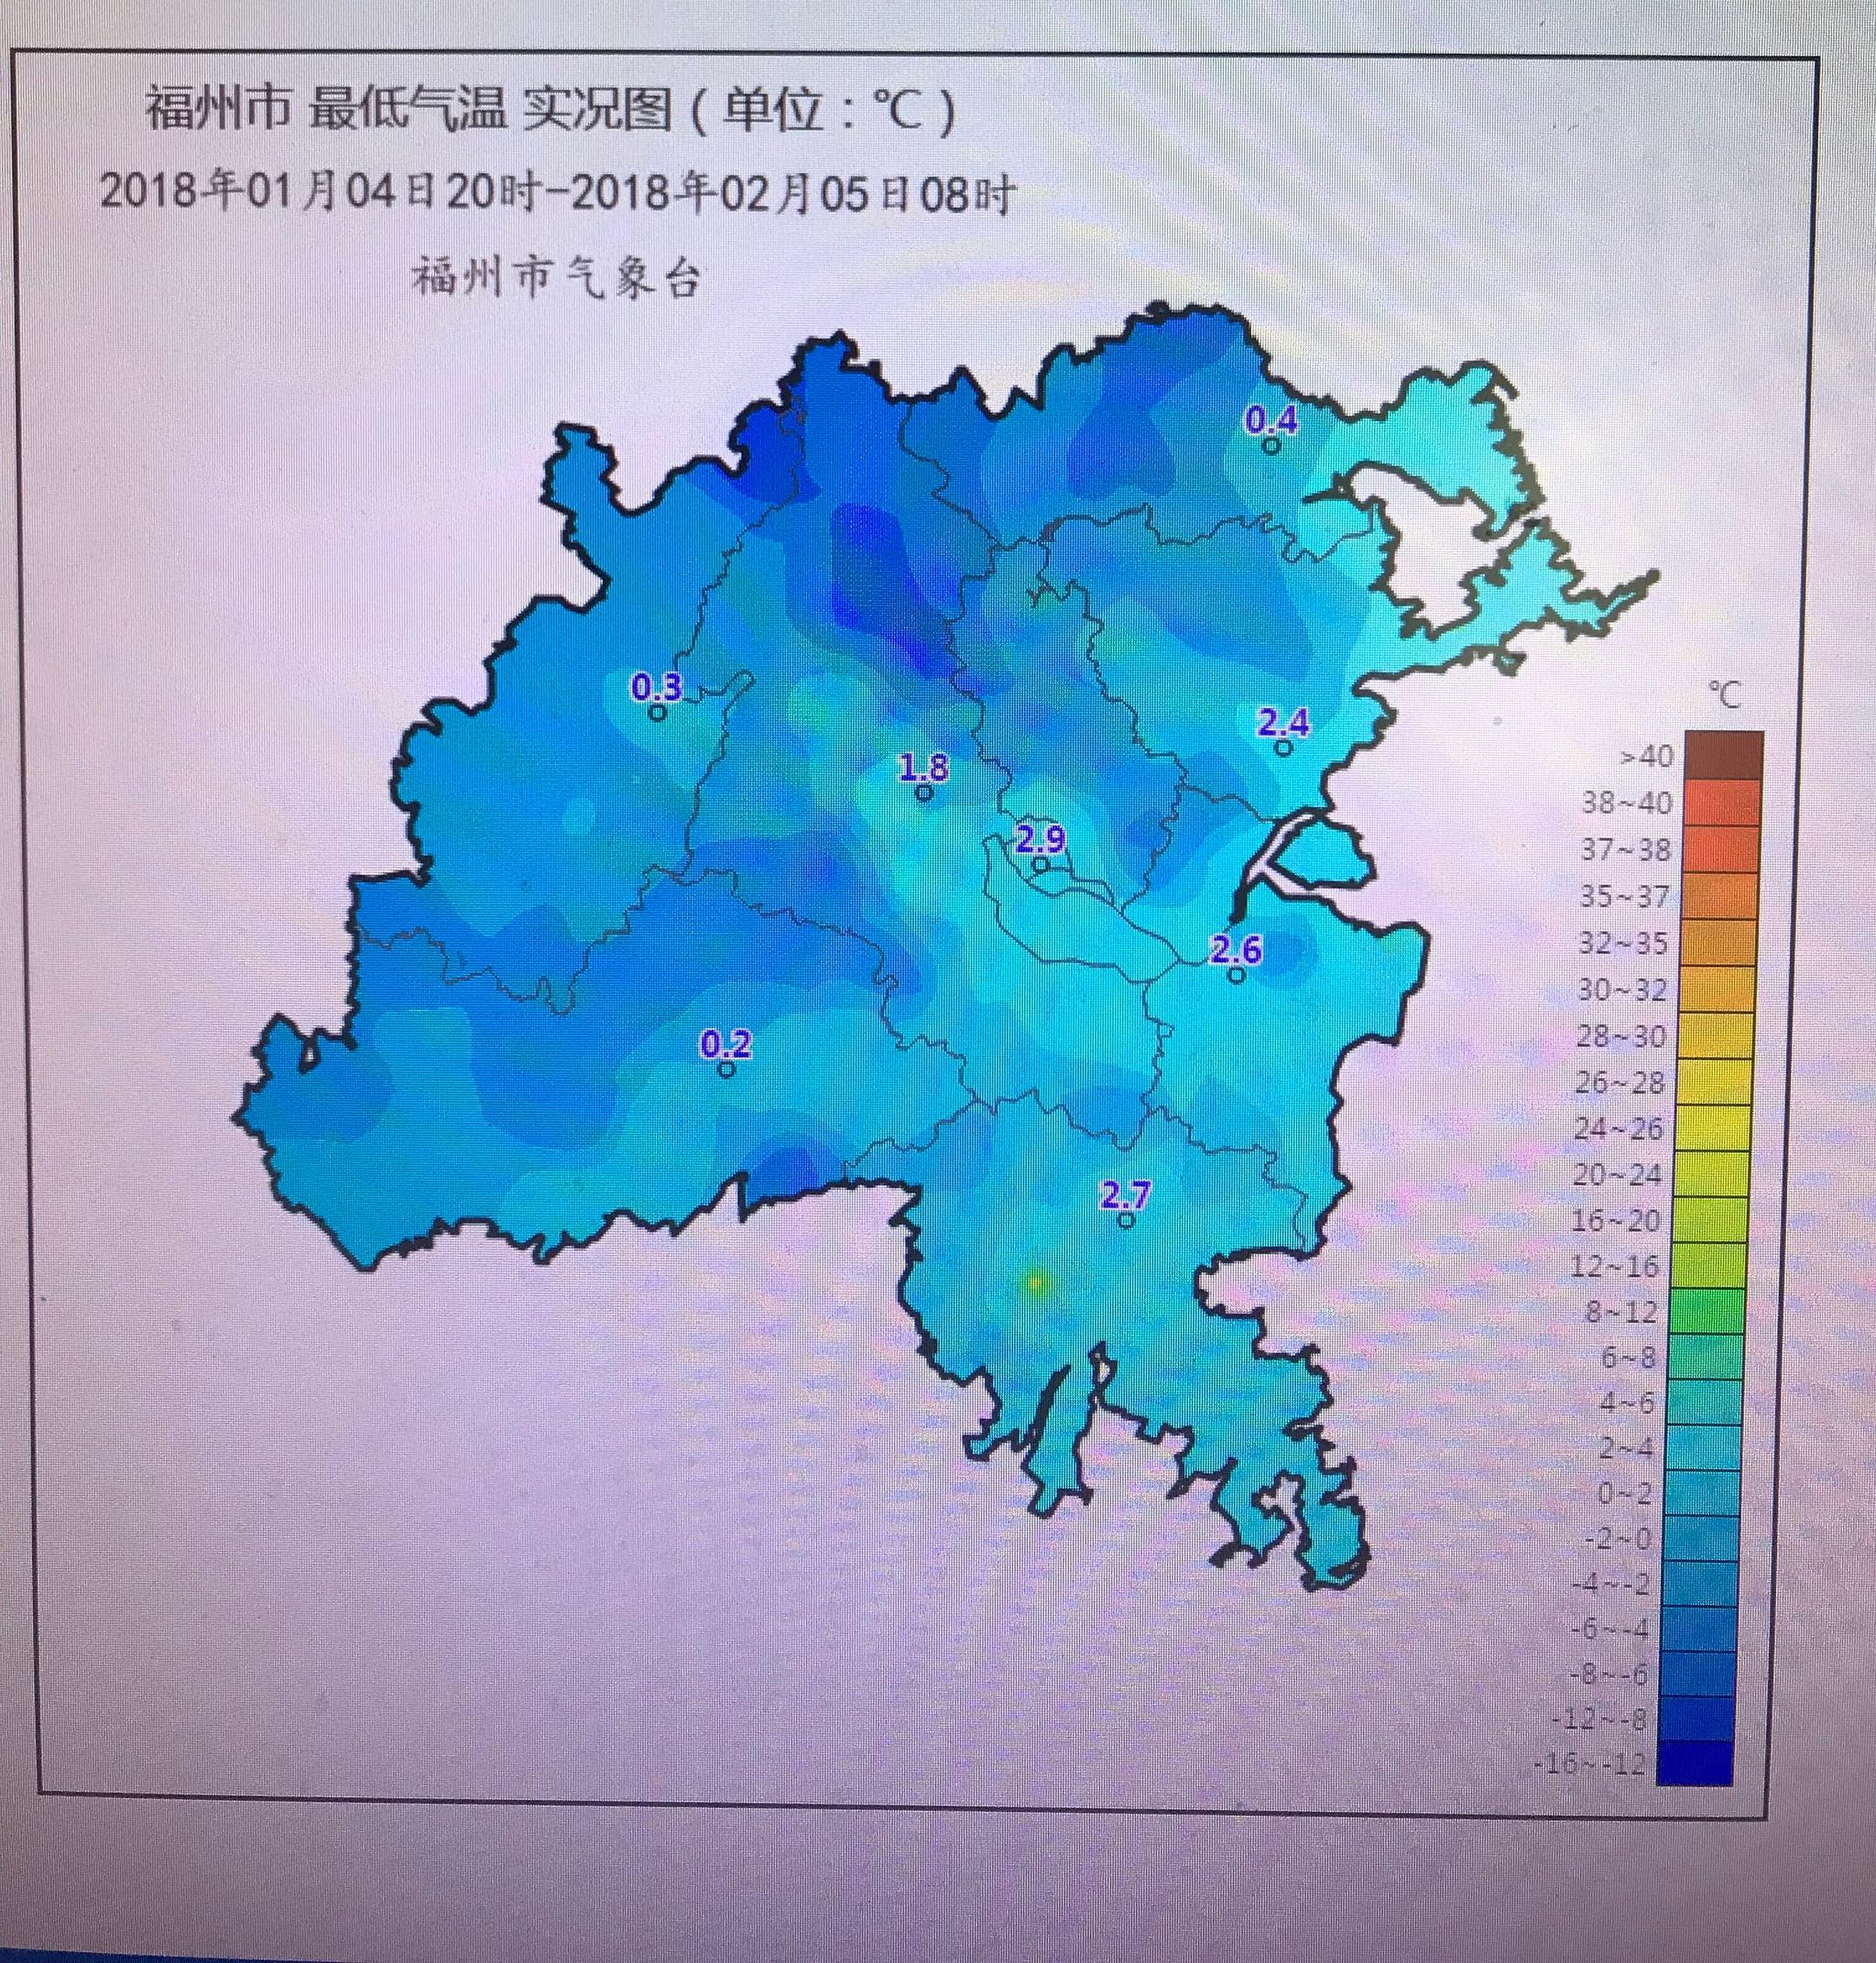 福州生活##福州身边事# 昨夜福州市区2.9℃,长乐2.6℃和福清2.